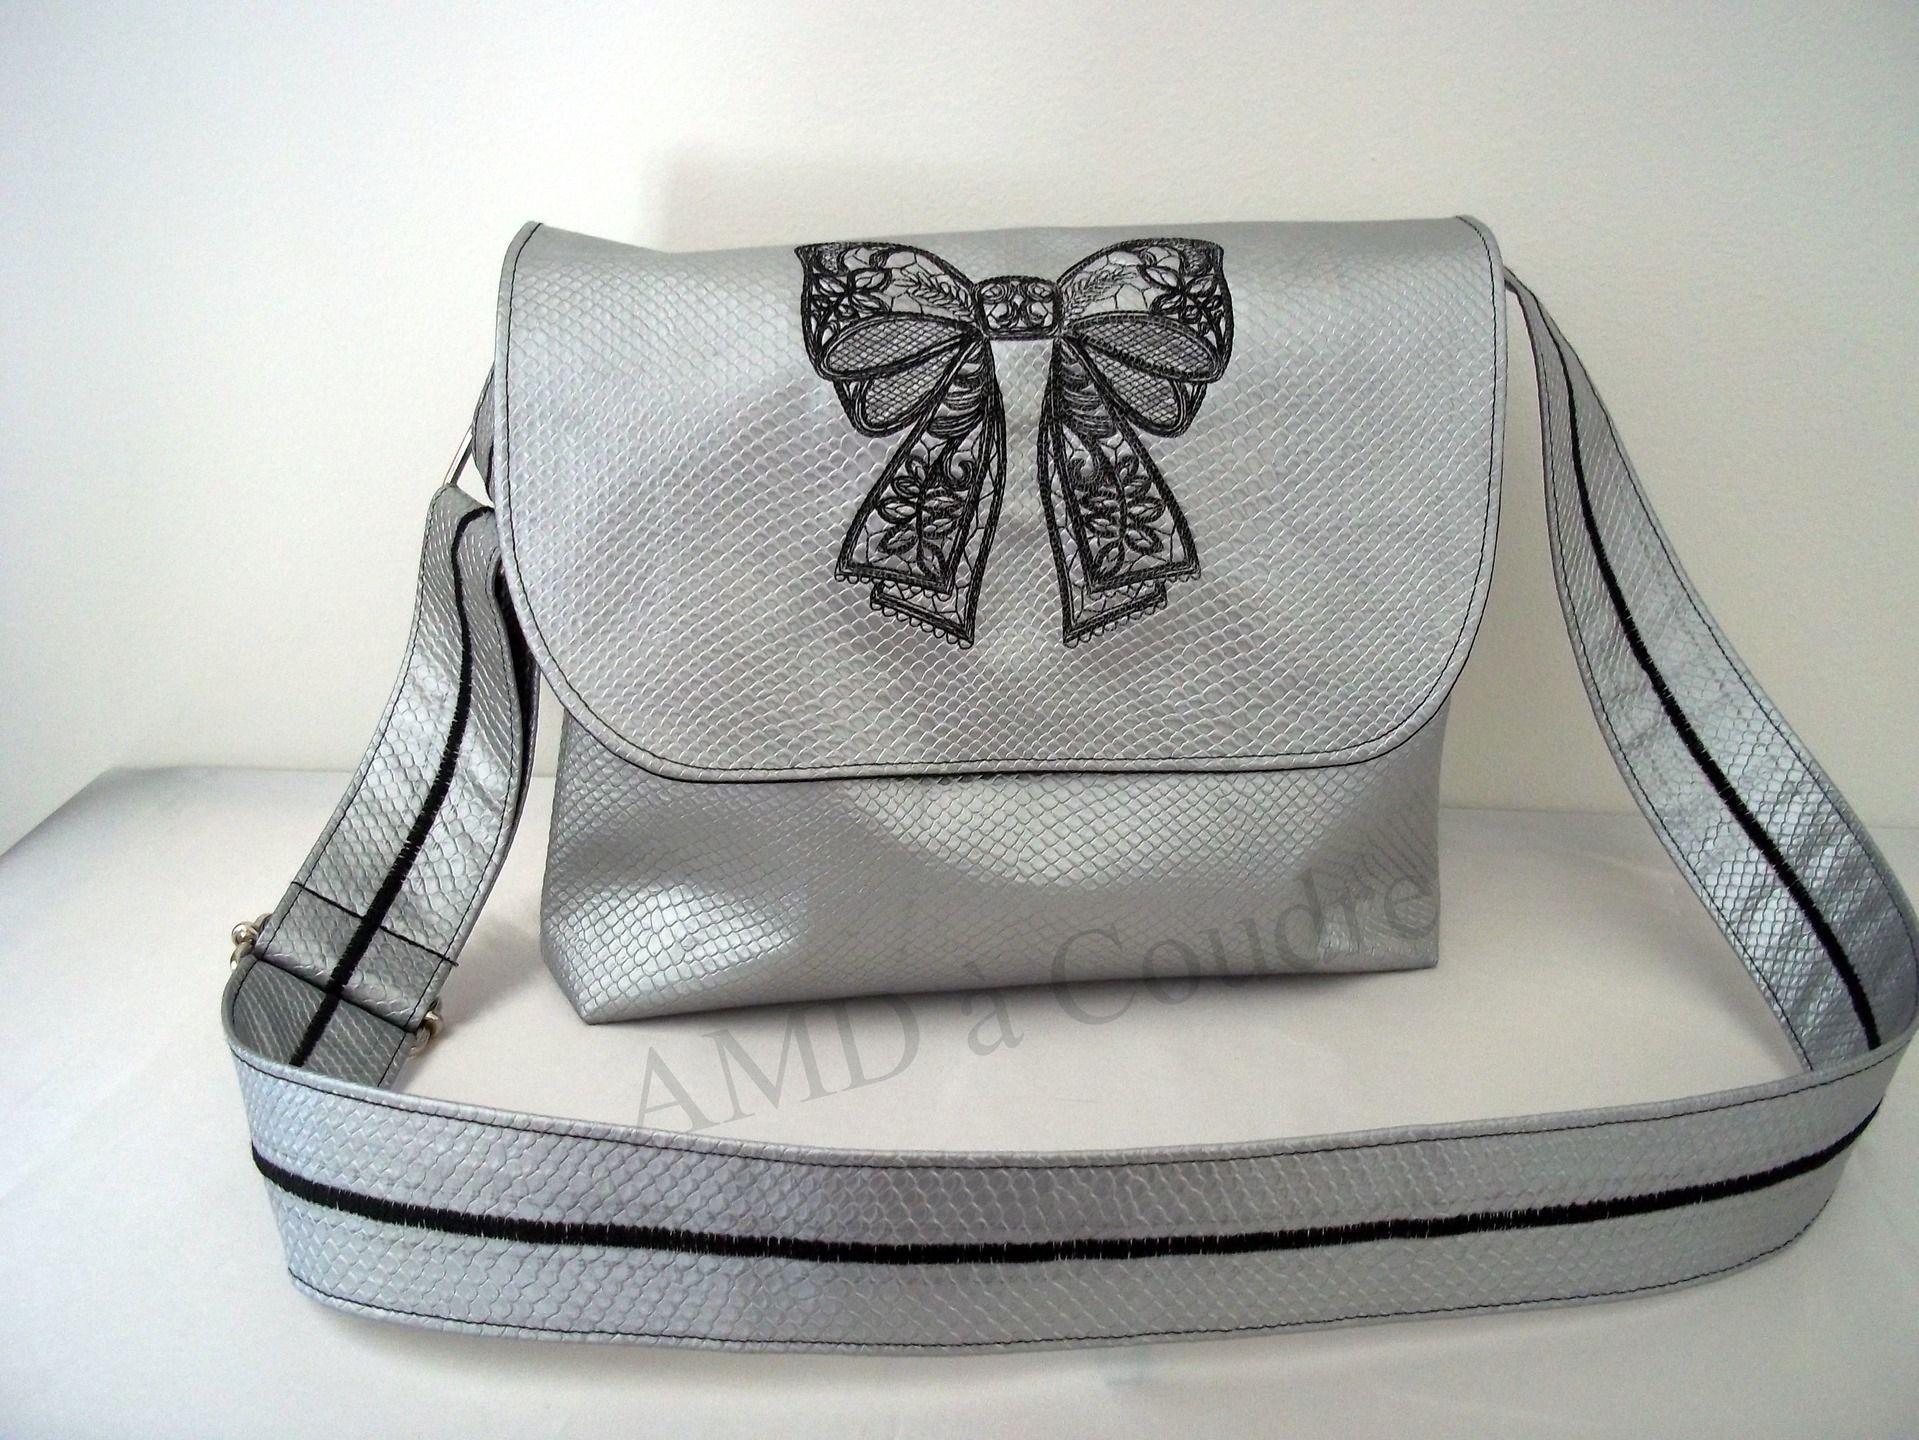 création sac besace en bandoulière, simili cuir argenté broderie noeud, création amd a coudre : Sacs bandoulière par amd-a-coudre